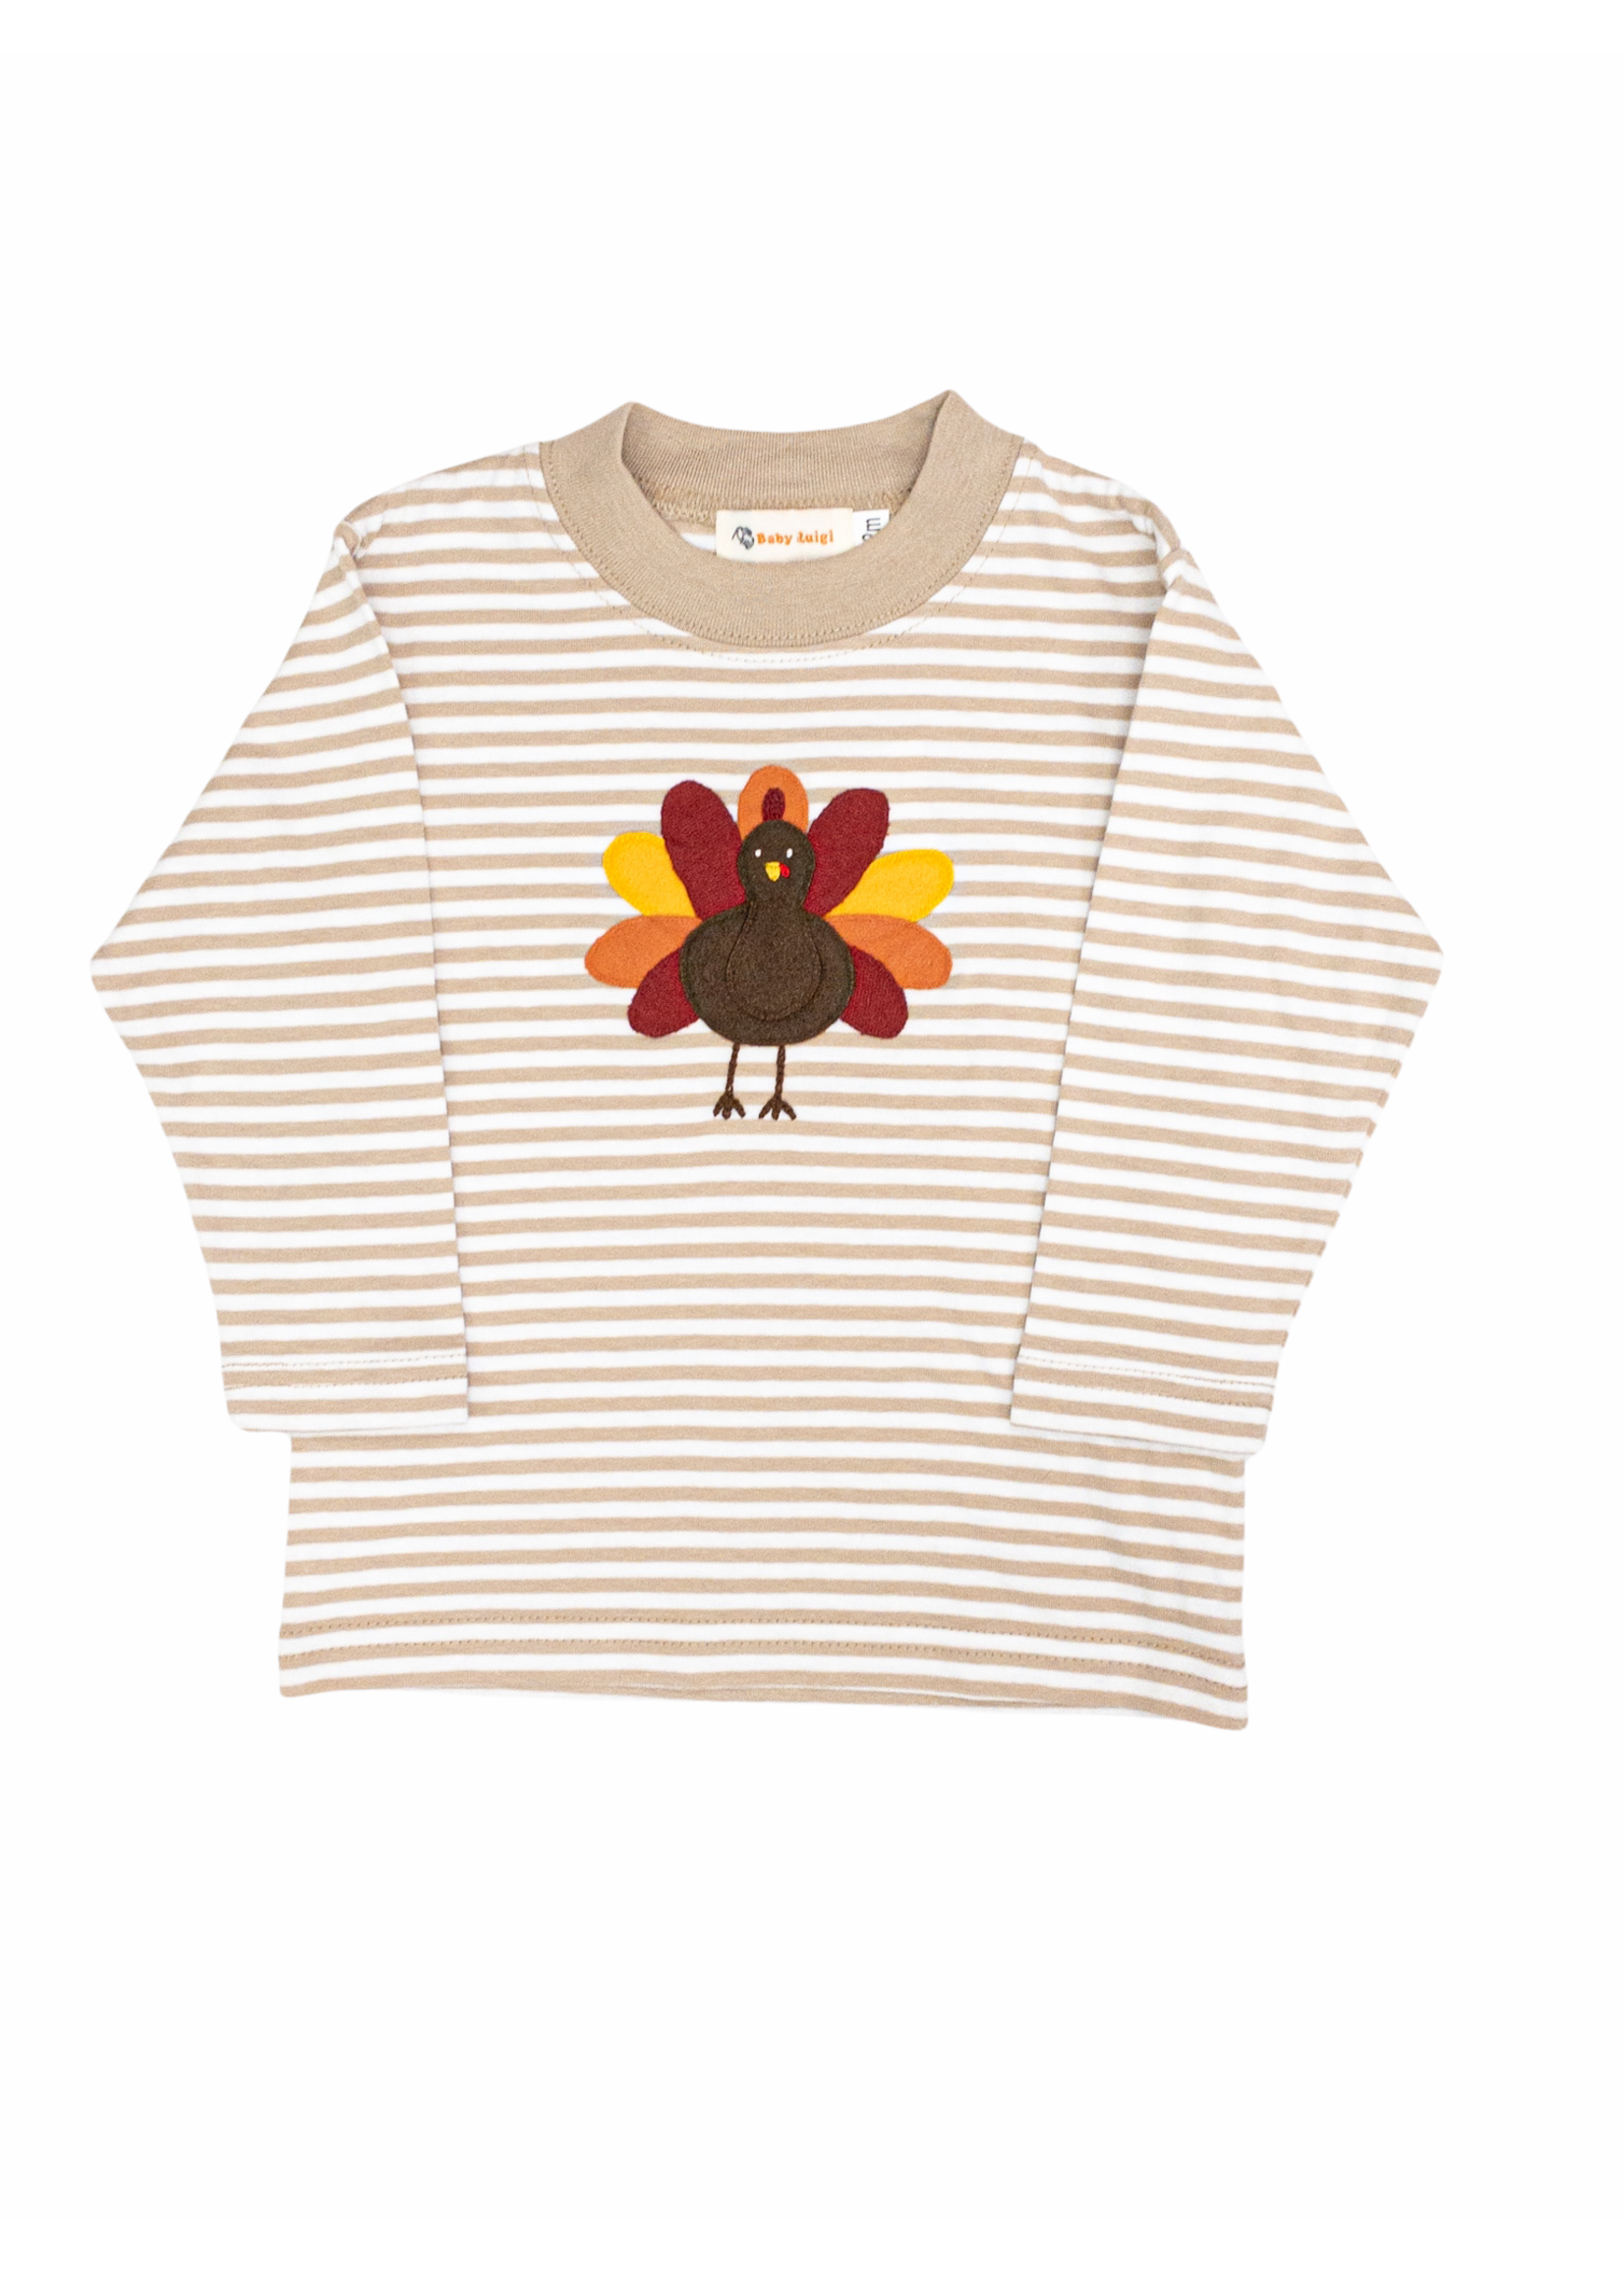 Luigi Luigi Turkey L/S Shirt